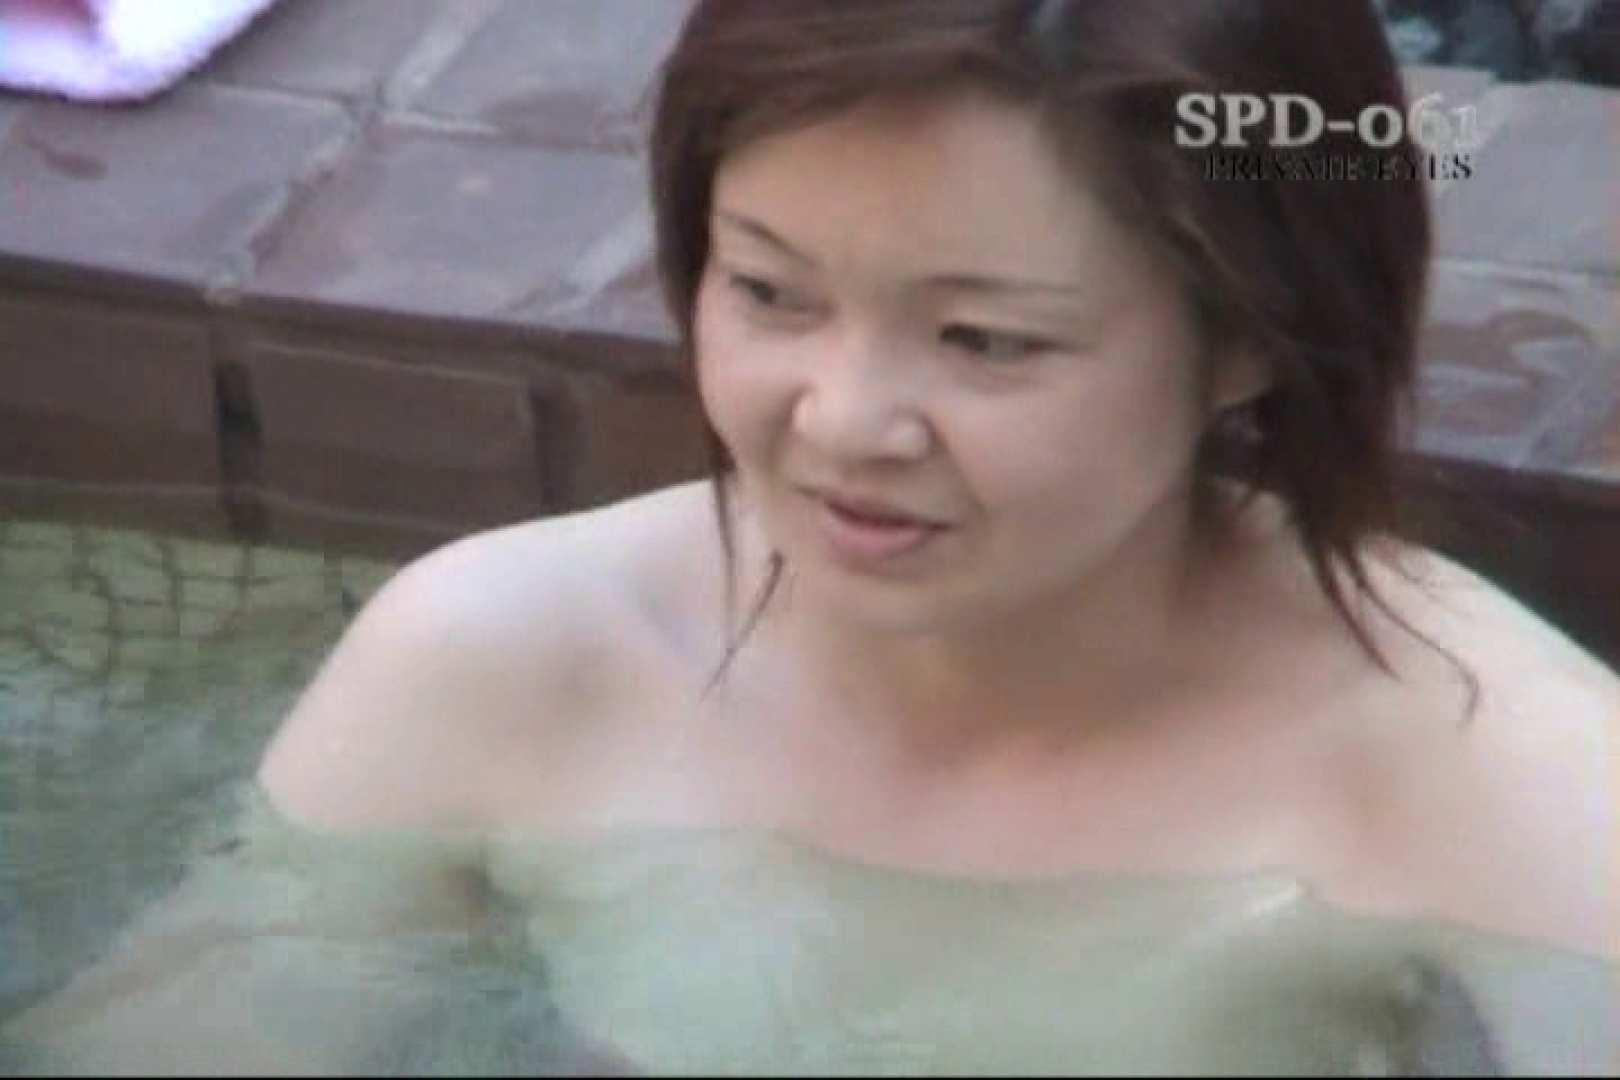 高画質版!SPD-061 新・露天浴場 8 人妻編 高画質 | プライベート  76pic 16